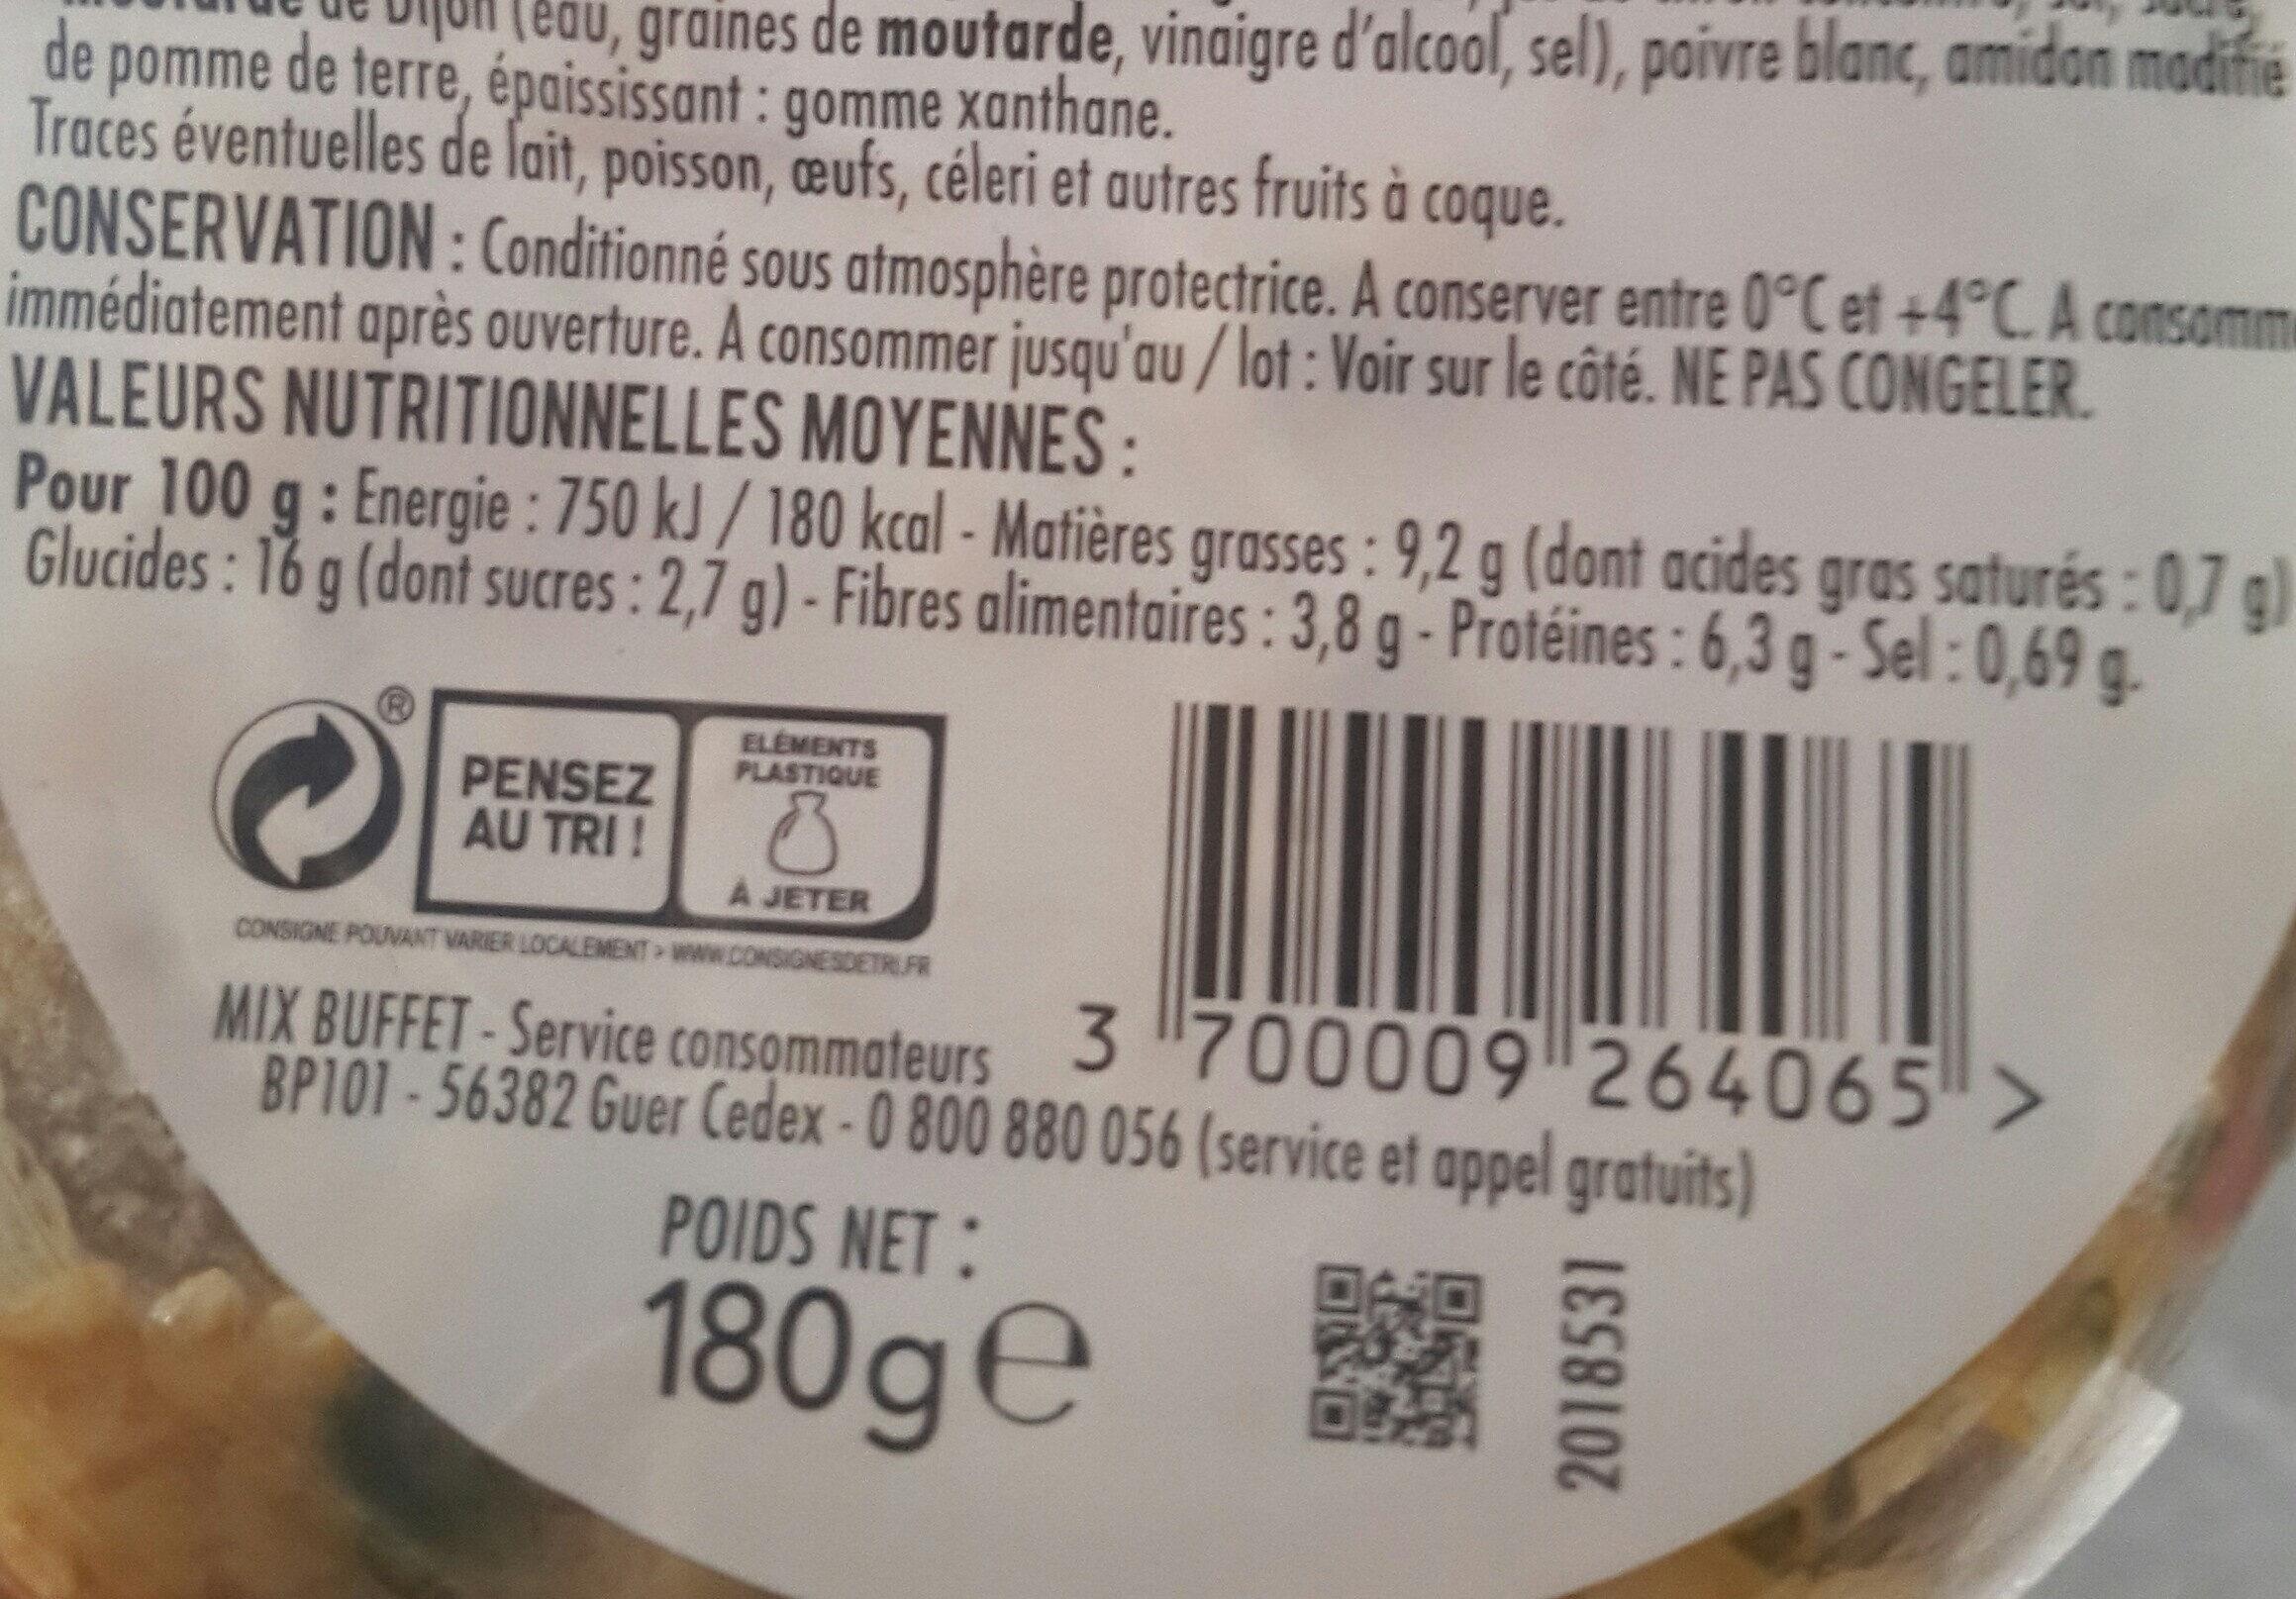 Boulgour, fèves, tomates, amandes sauce aux herbes - Informations nutritionnelles - fr